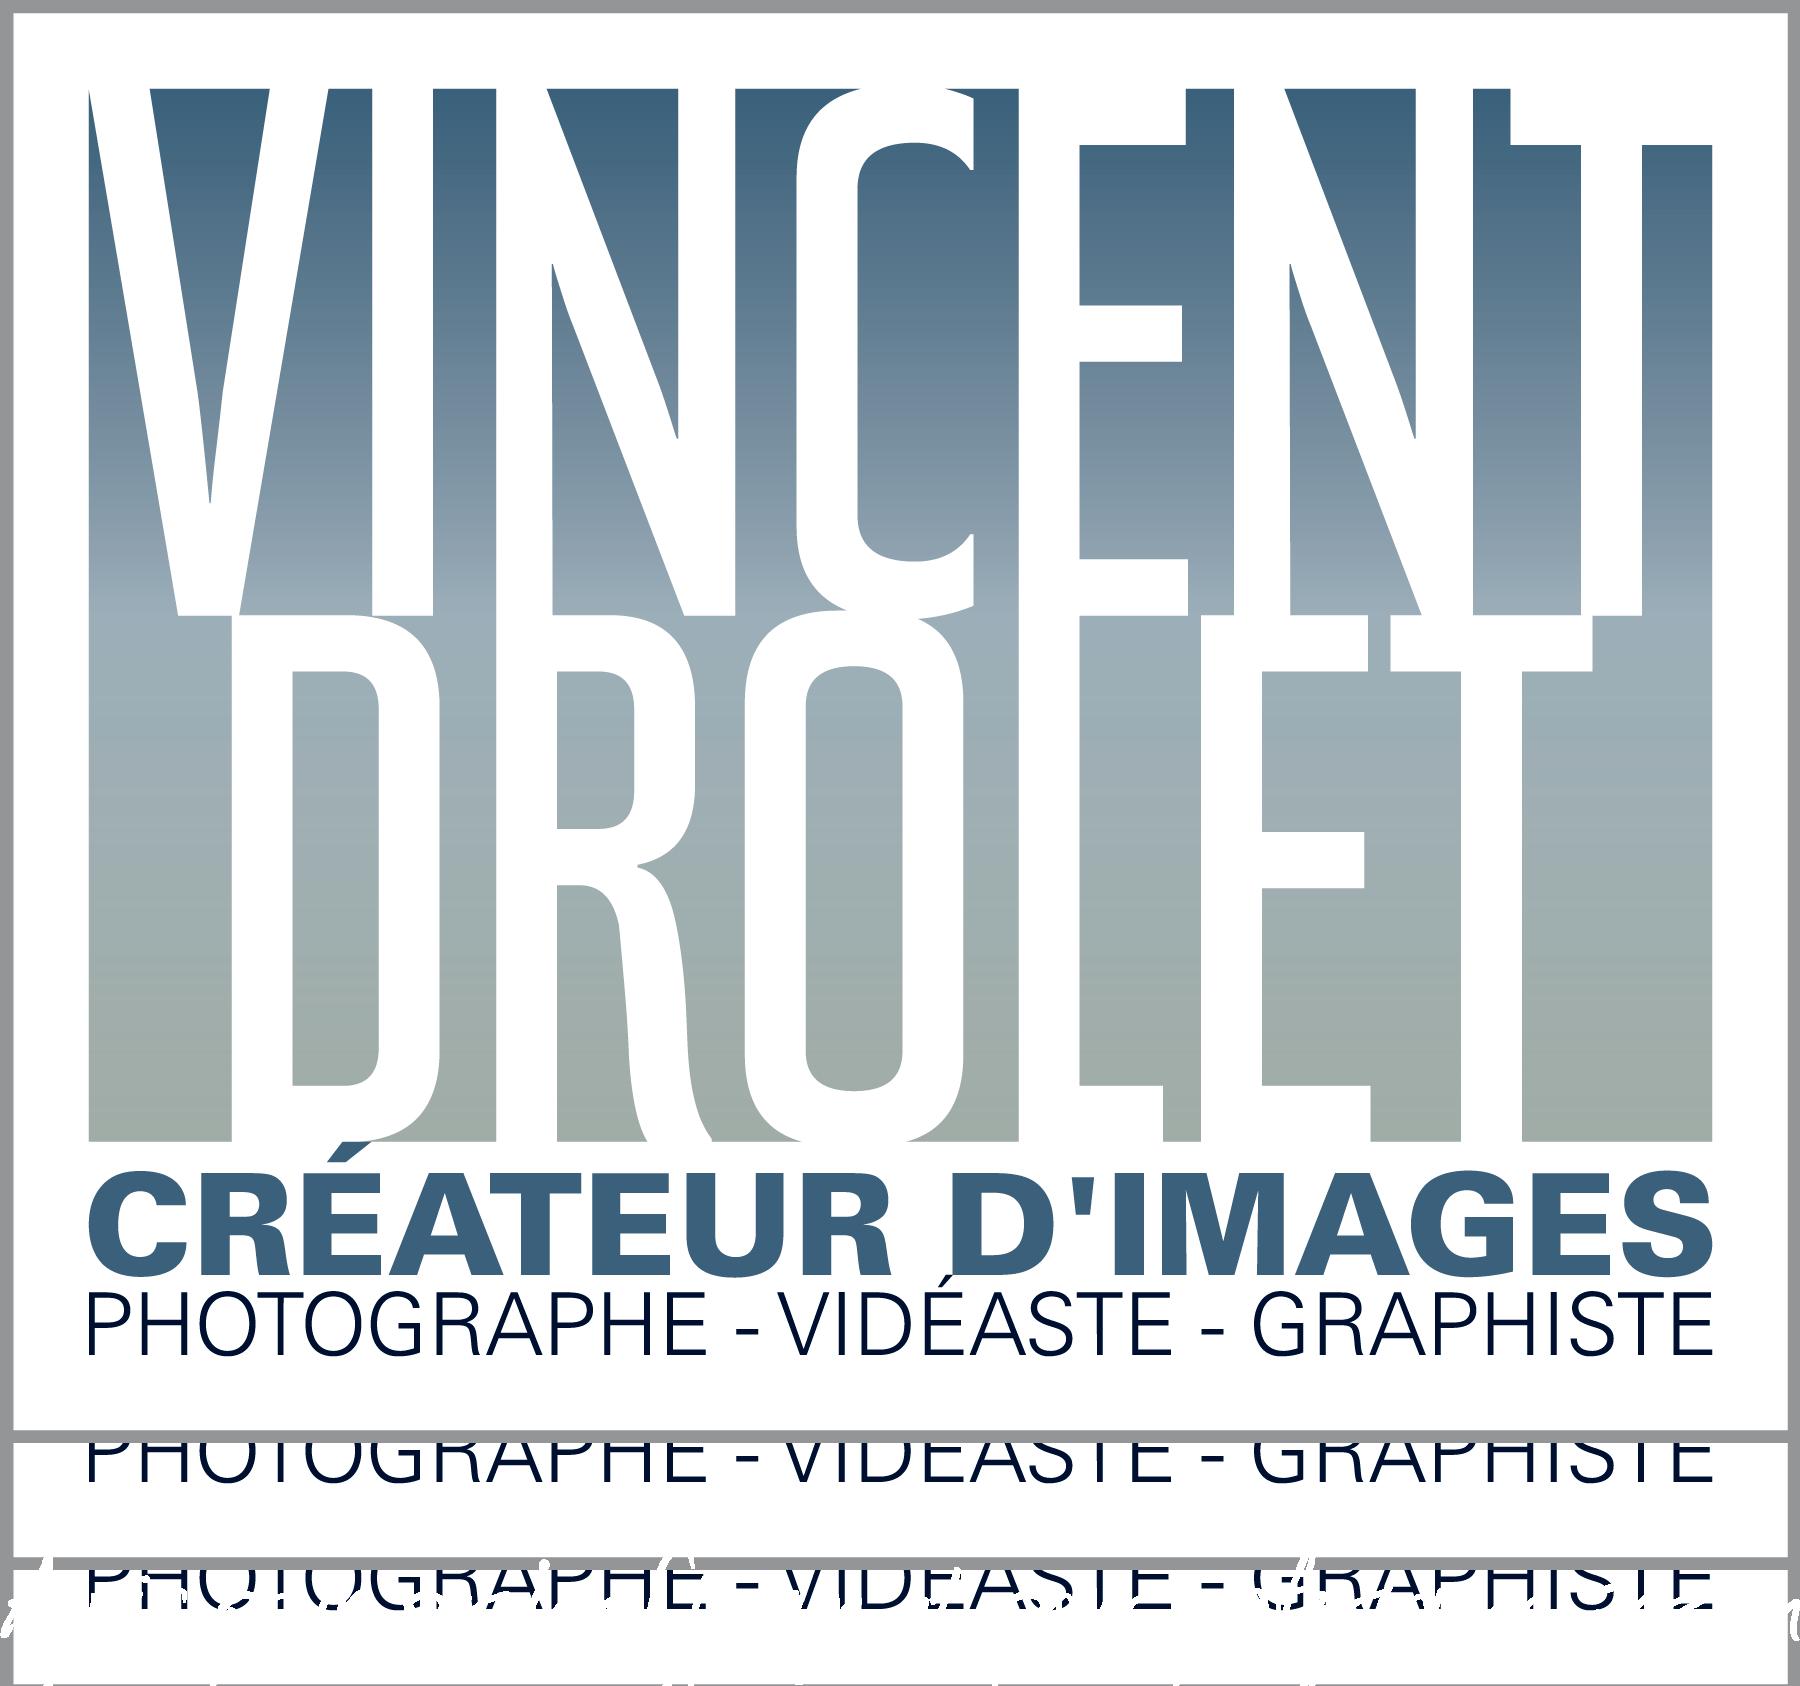 Vincent Drolet Créateur d'images Photographe-Vidéaste-Graphiste